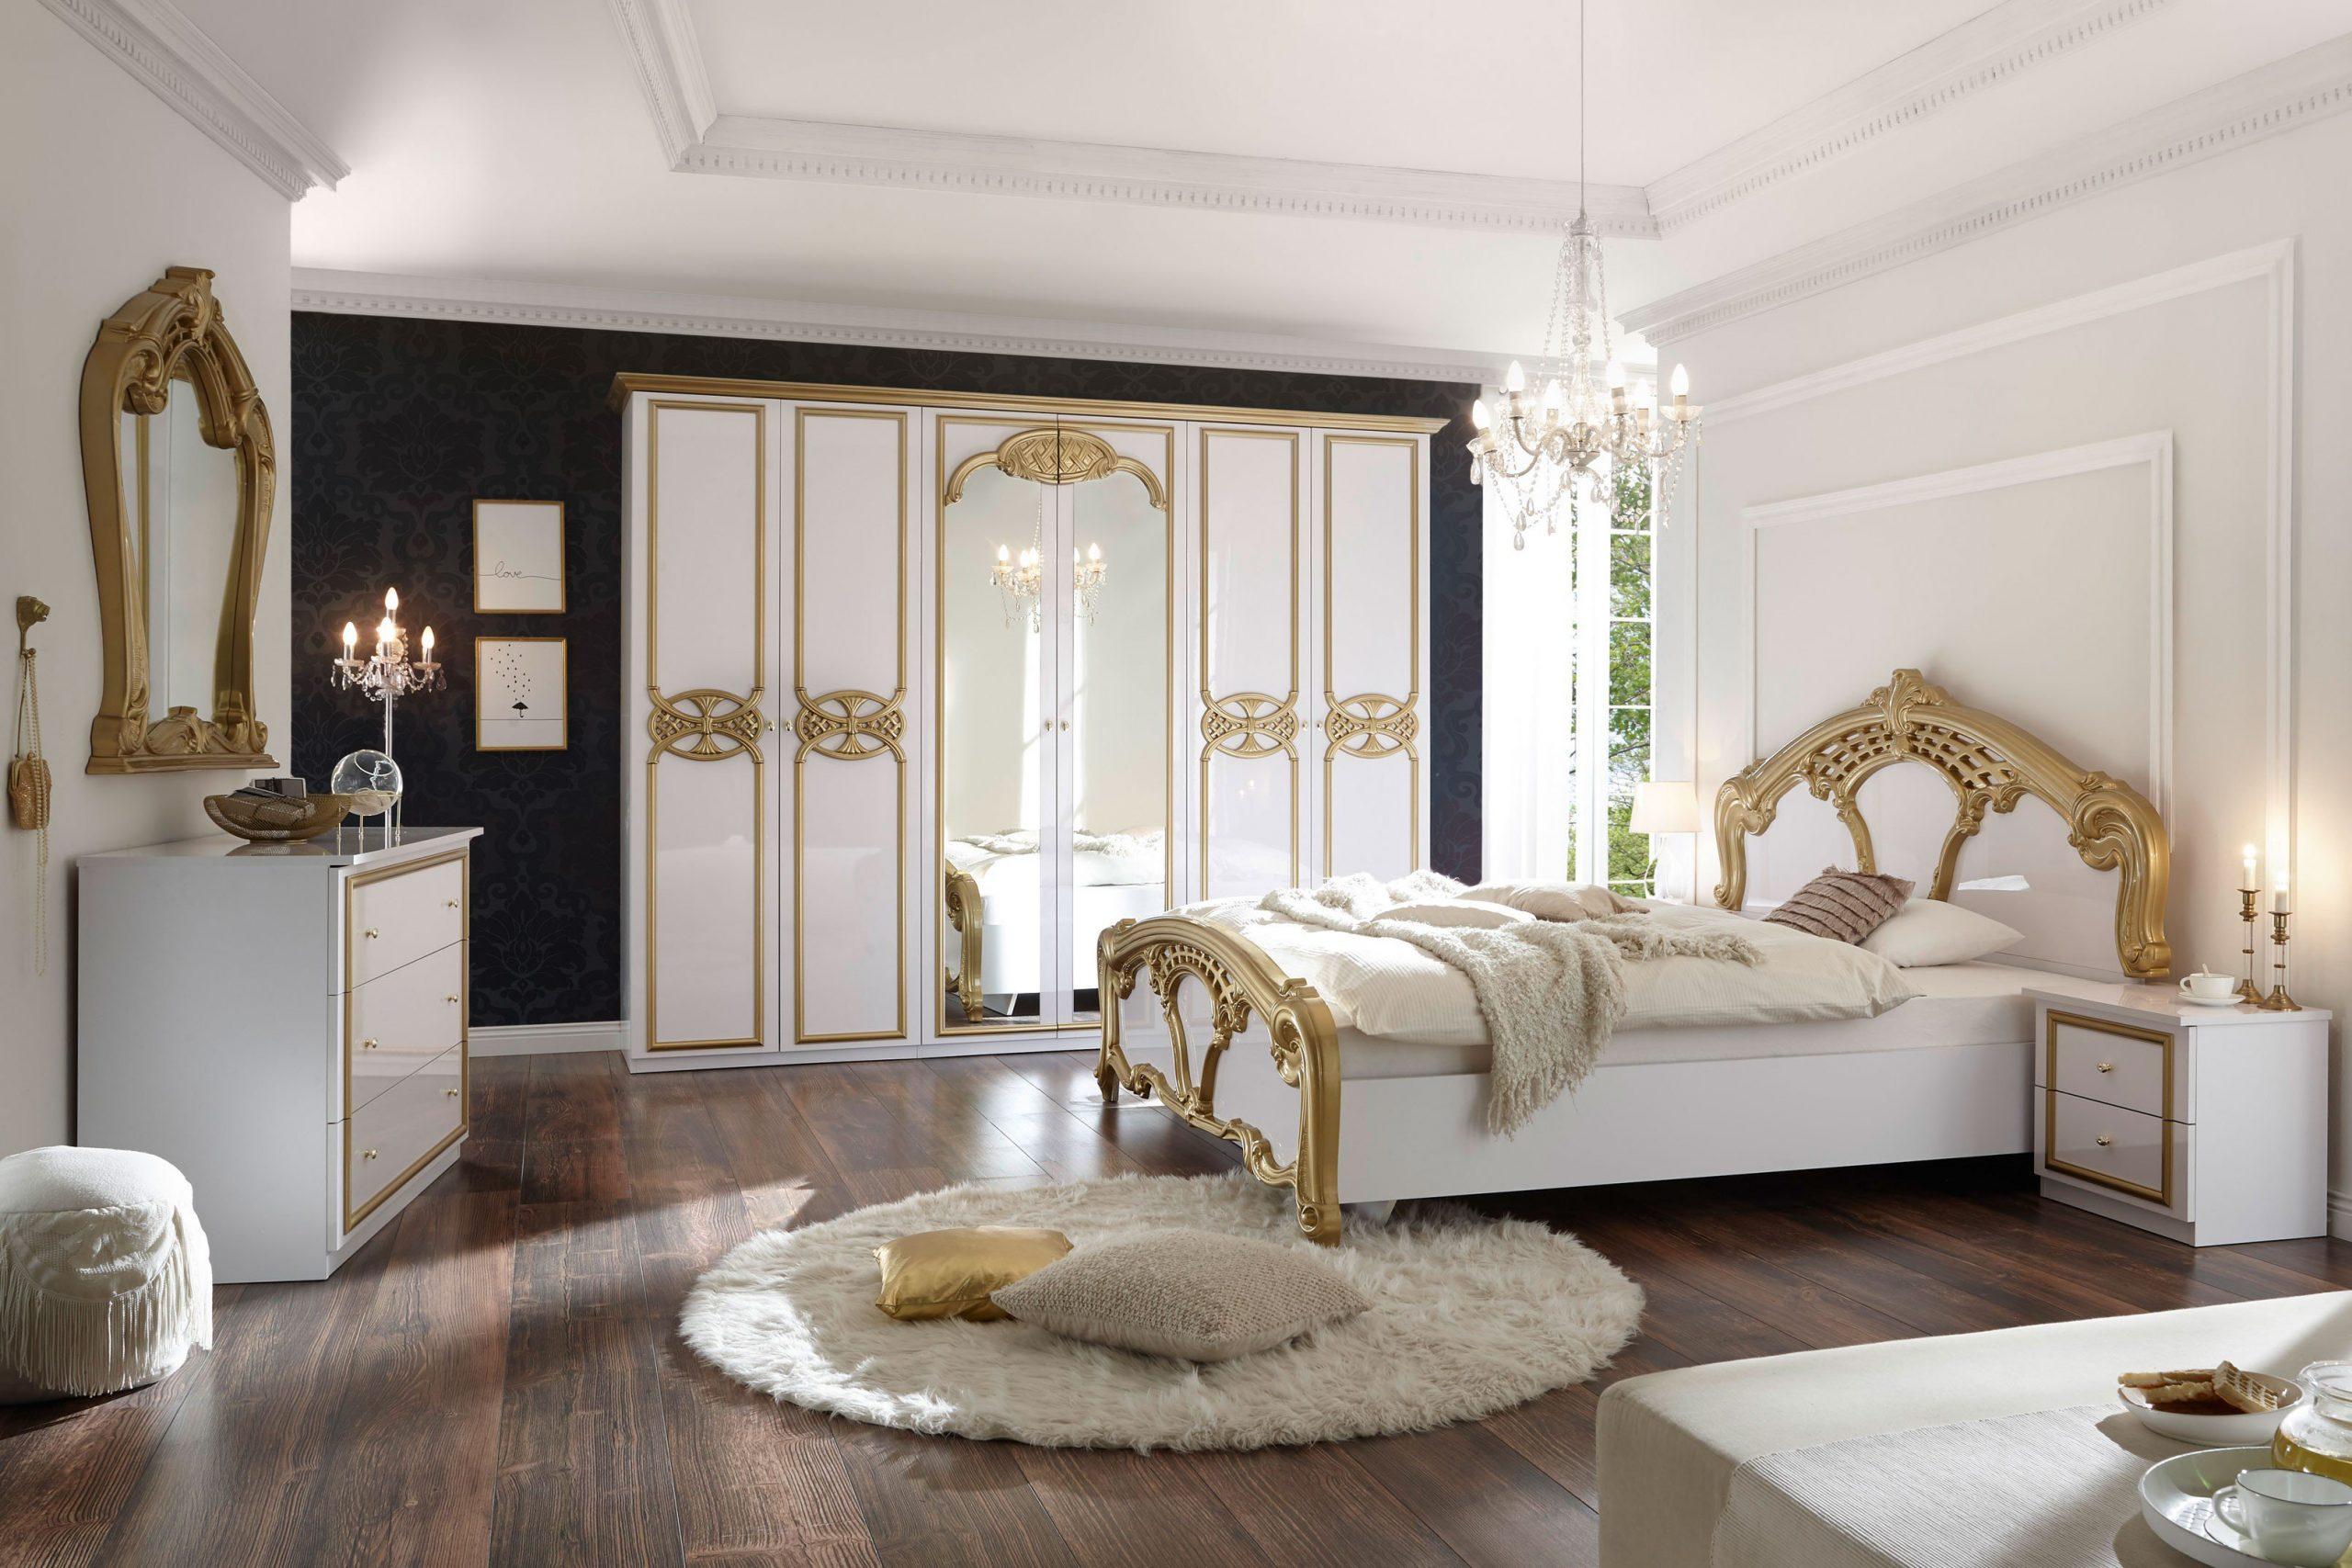 Full Size of Schlafzimmer Set Günstig Pol Power Claudia Barock Wei Gold Mbel Letz Günstige Betten 140x200 Teppich Schranksysteme Komplettangebote Schrank Komplettes Schlafzimmer Schlafzimmer Set Günstig